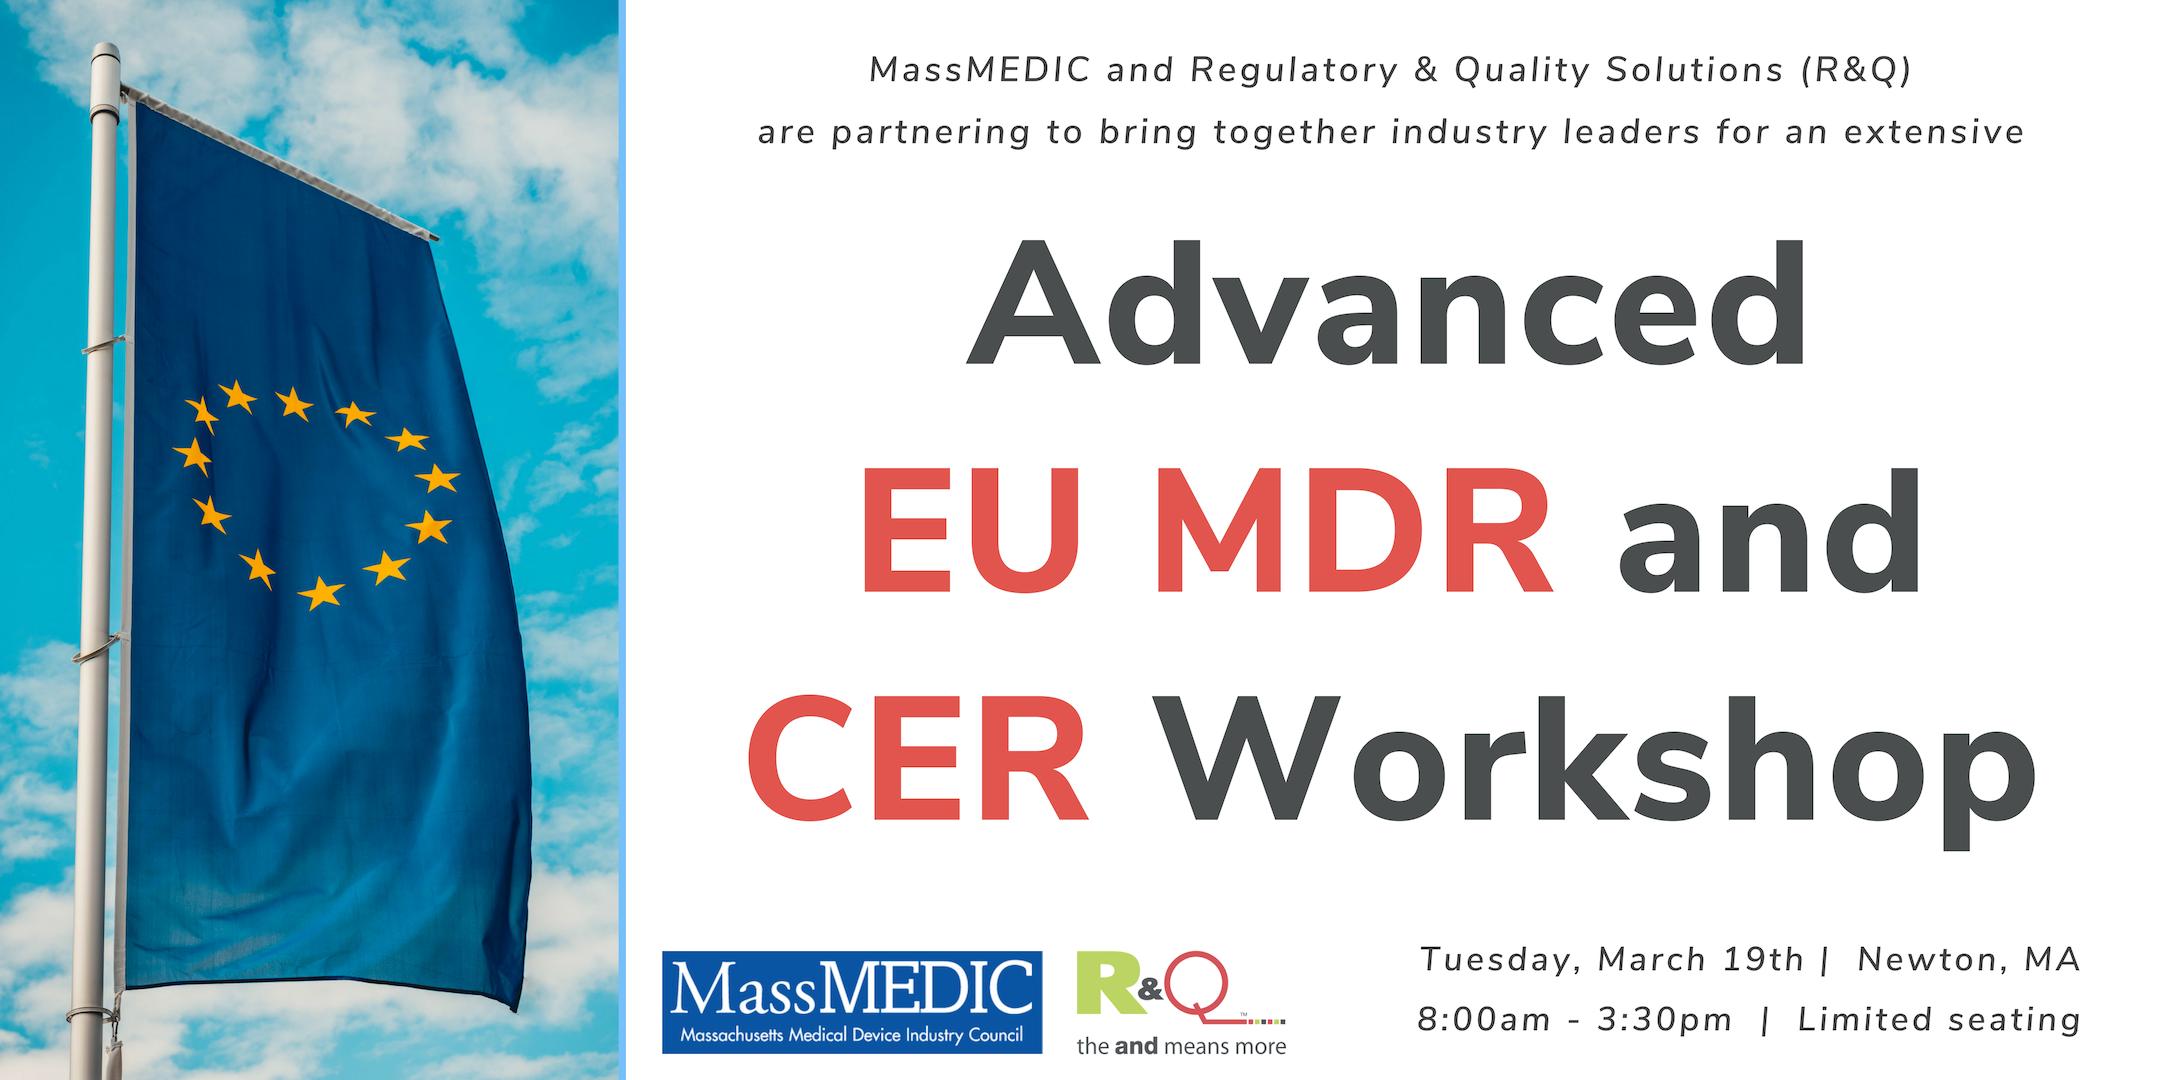 MassMEDIC_RQ_EU_MDR_CER_Workshop_Promo_1_10_19_v2